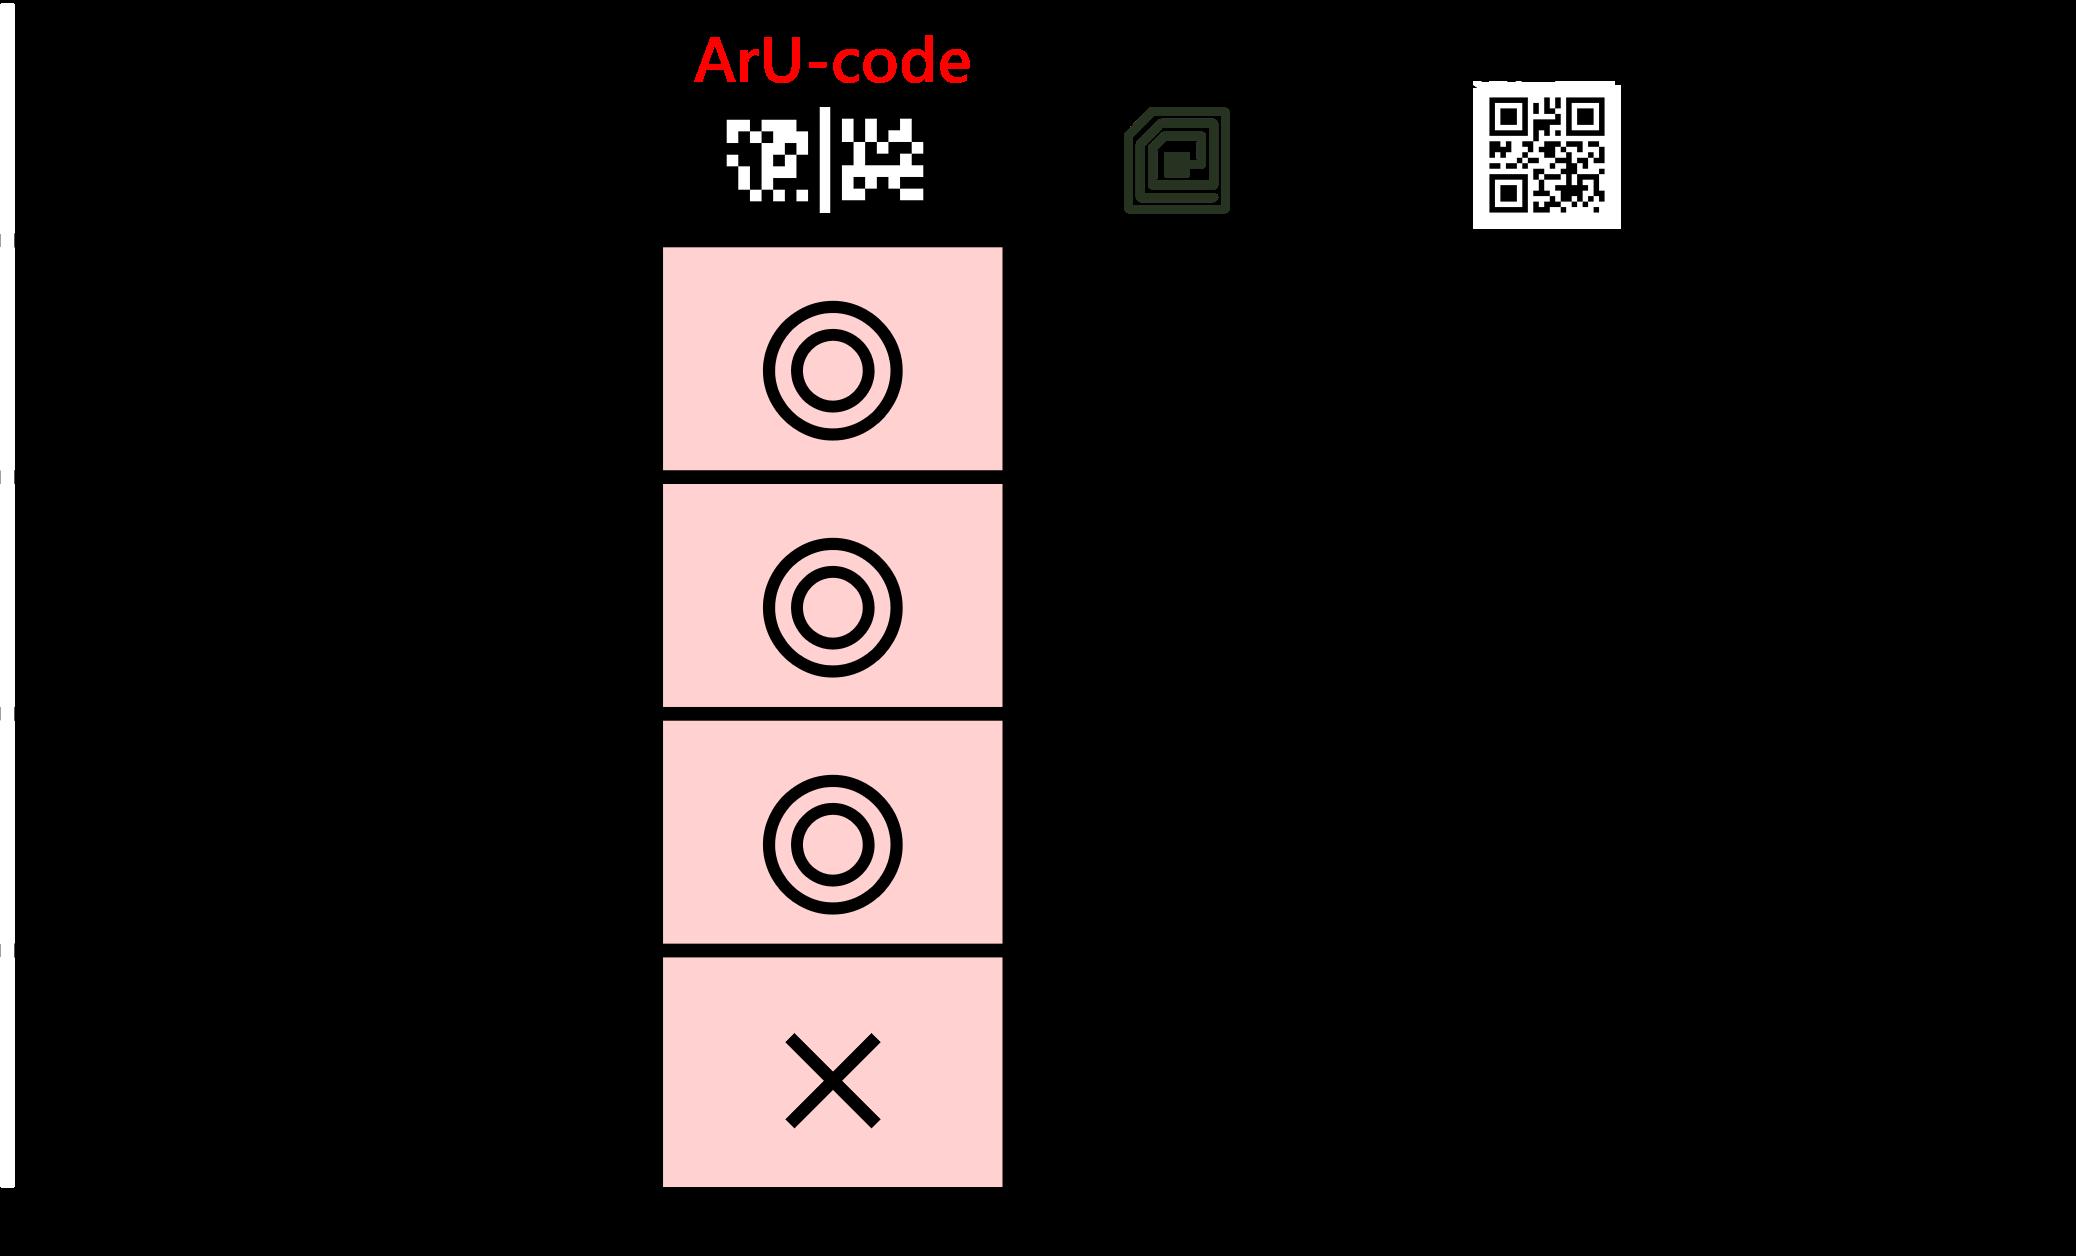 アルココードは離れた場所からの一括複数認識を低コストで実現するコード